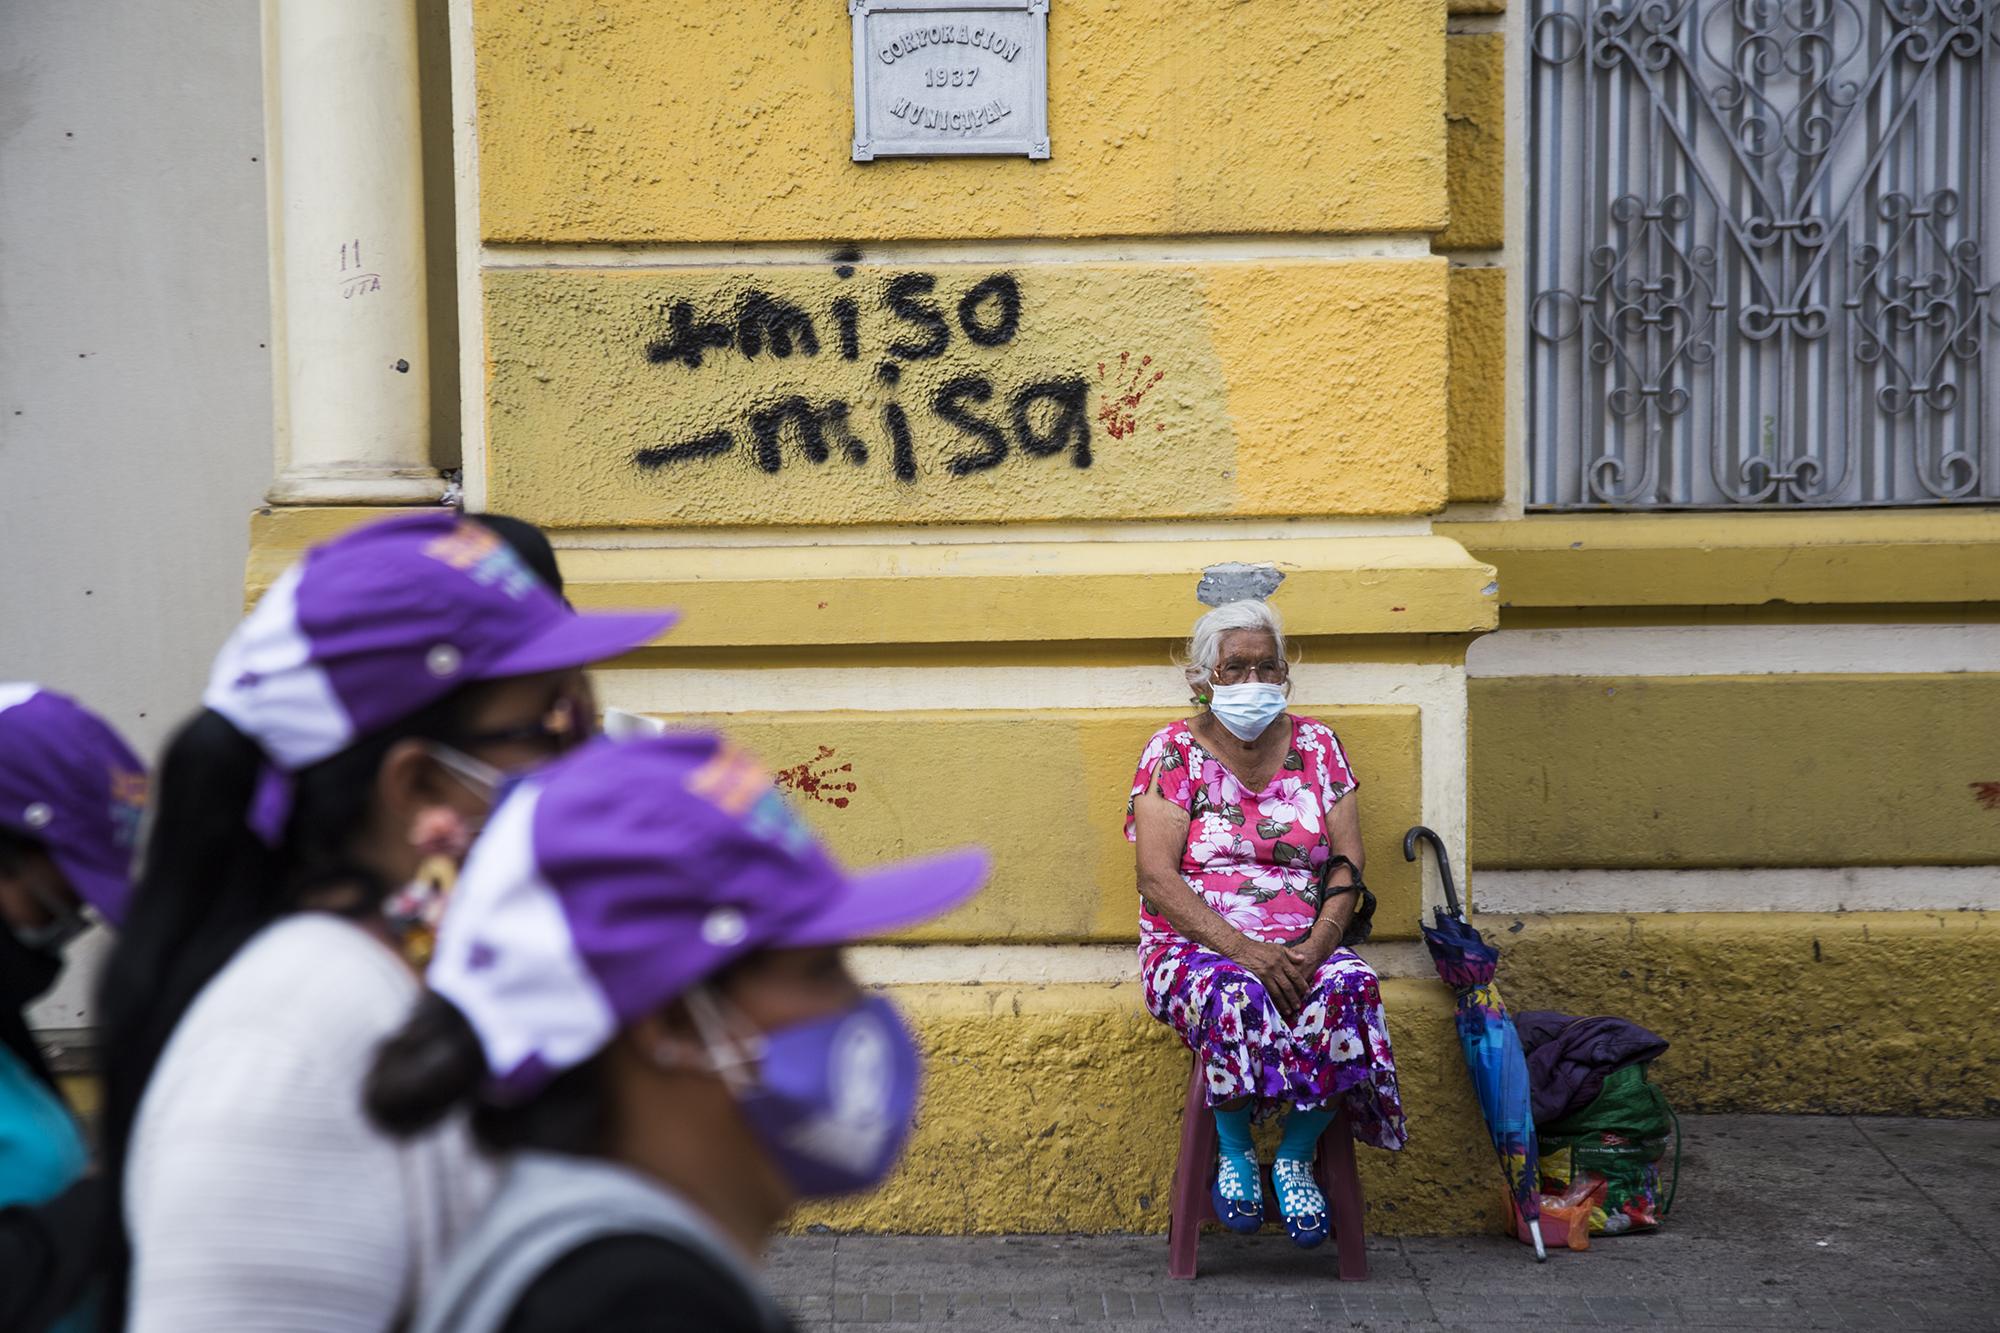 Vendedora ambulante de la tercera edad ve pasar la movilización feminista frente a su asiento mientras se acercan al Congreso Nacional. Tegucigalpa,  25 de enero de 2021. Foto: Ezequiel Sánchez / Contracorriente.